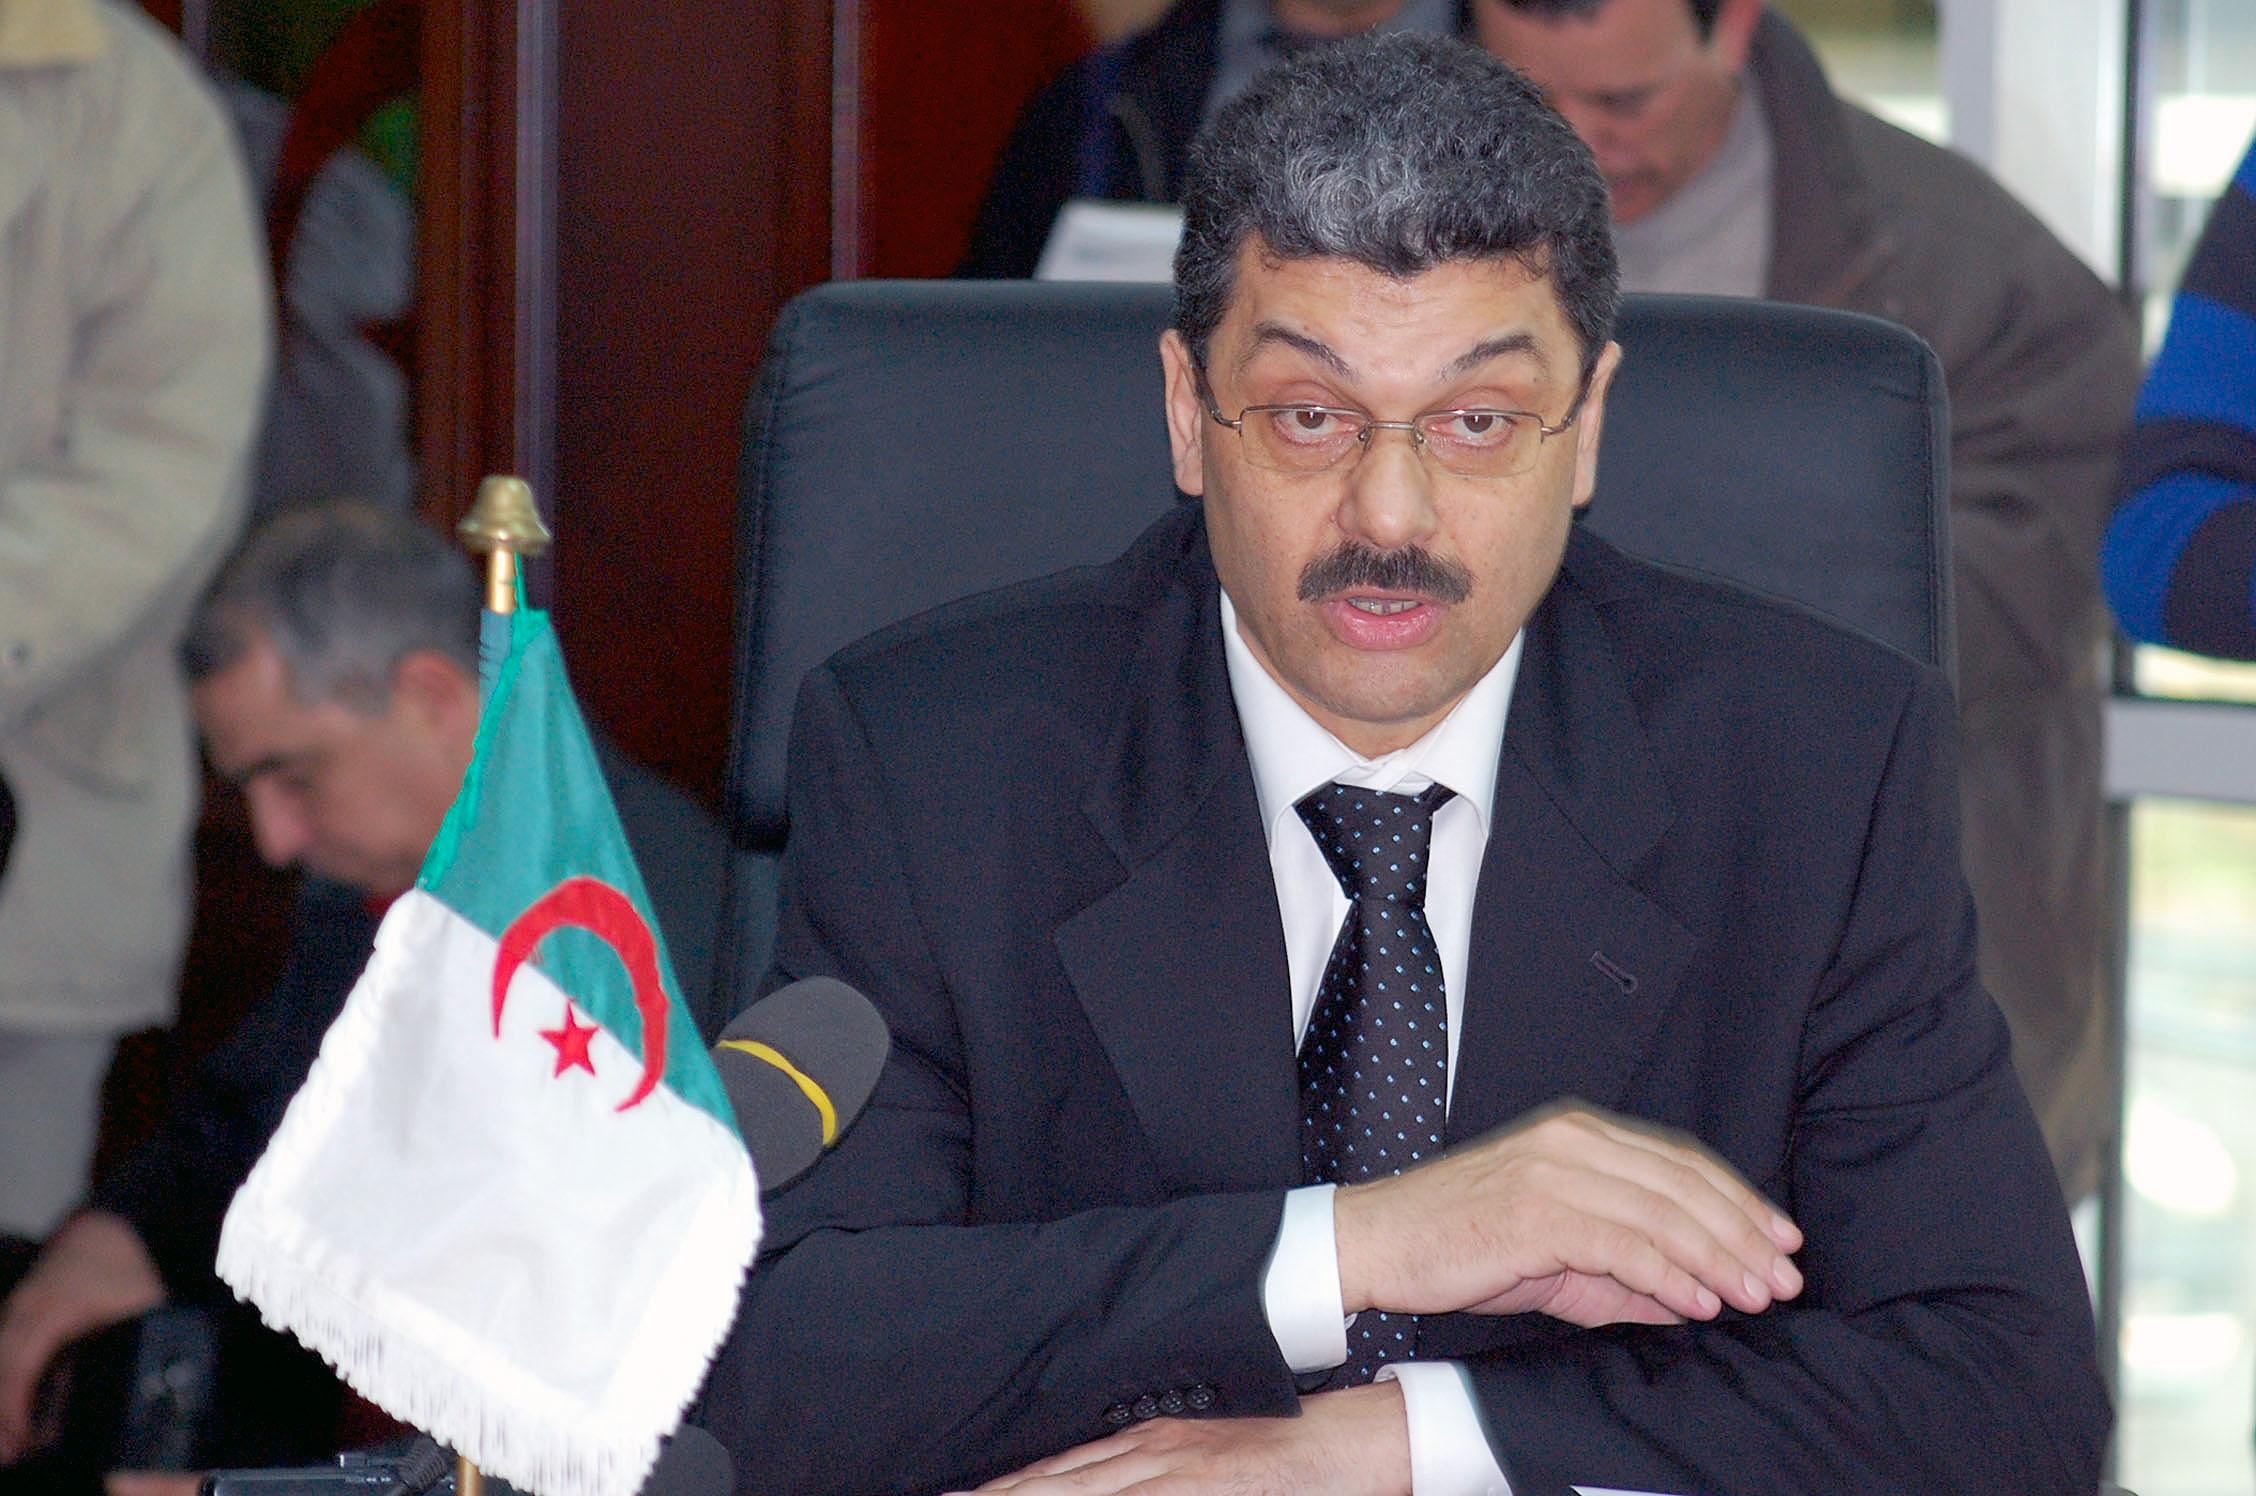 المحكمة العليا بالجزائر تأمر بوضع وزير مالية أسبق تحت الرقابة القضائية